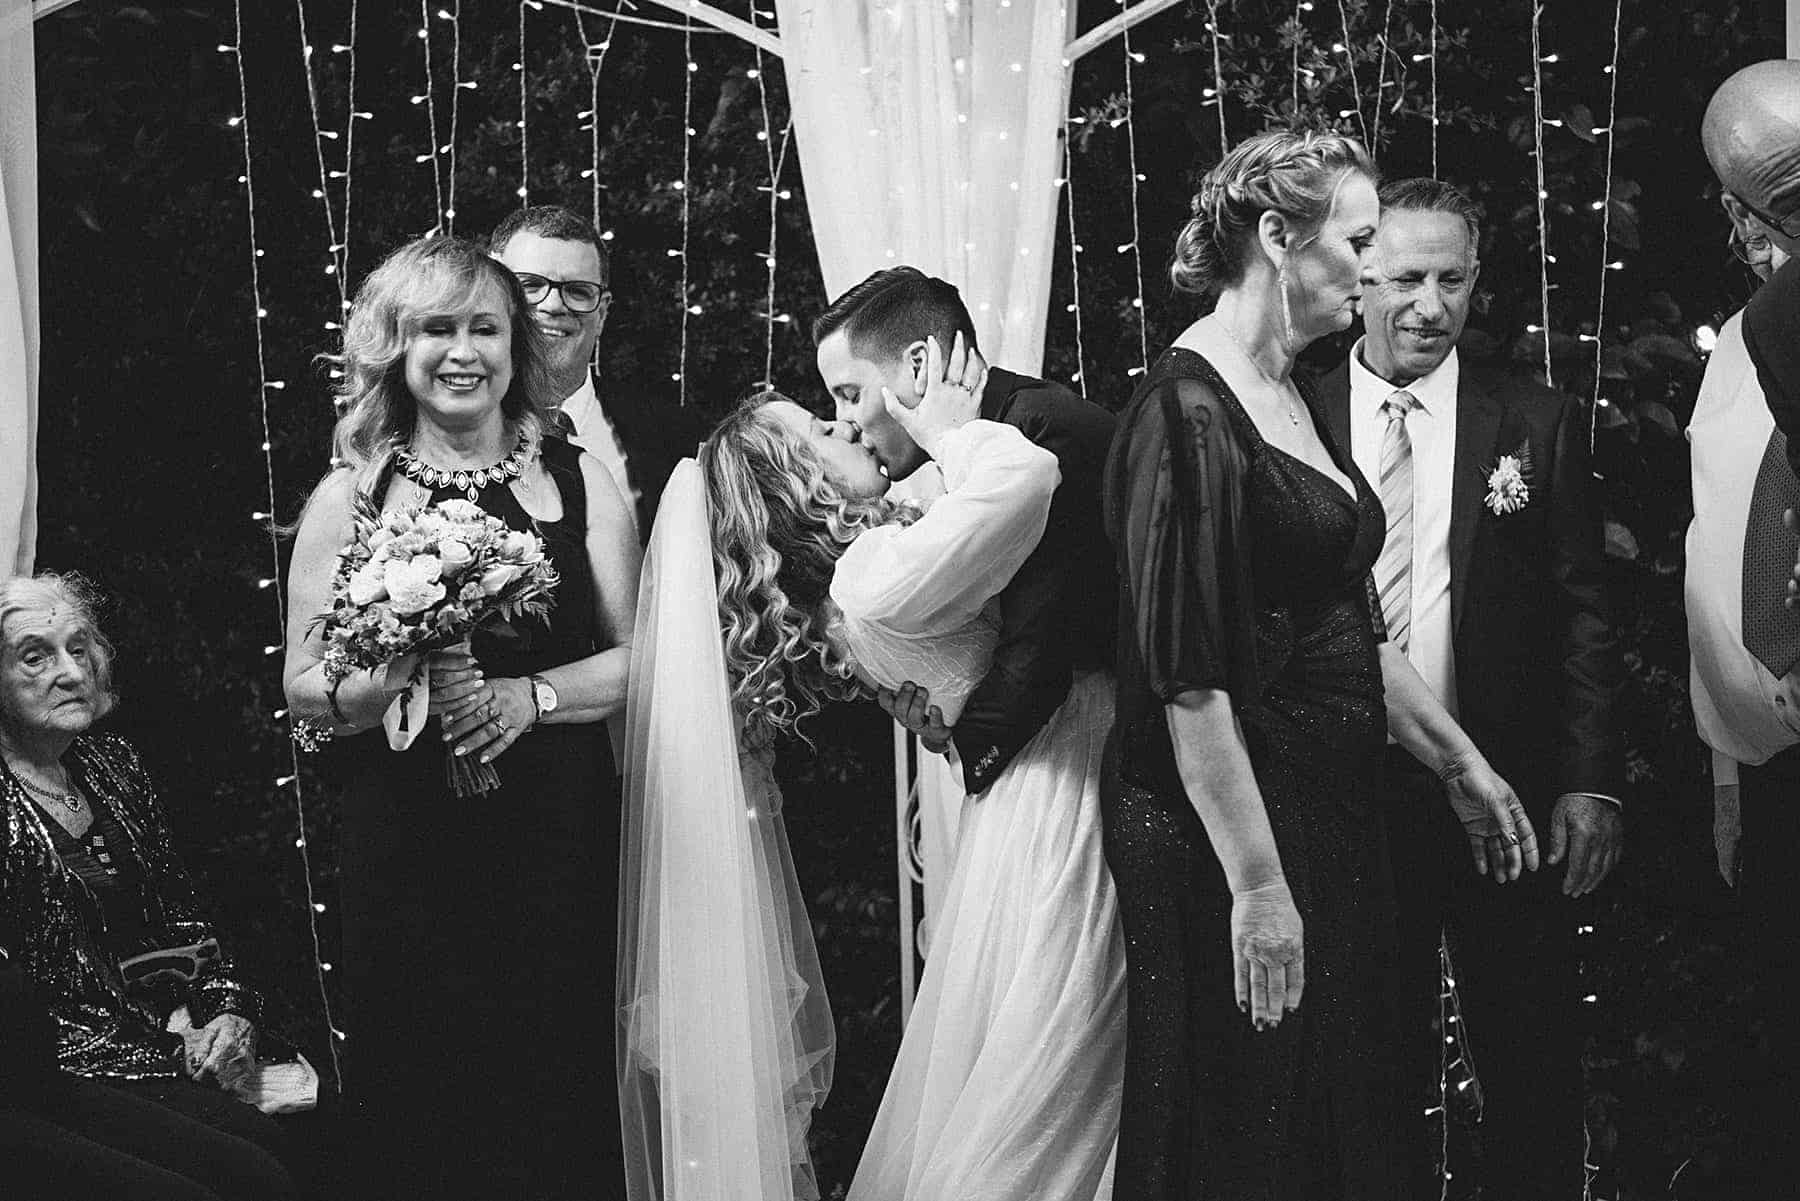 מגנטים לאירועים | מגנטים לחתונה